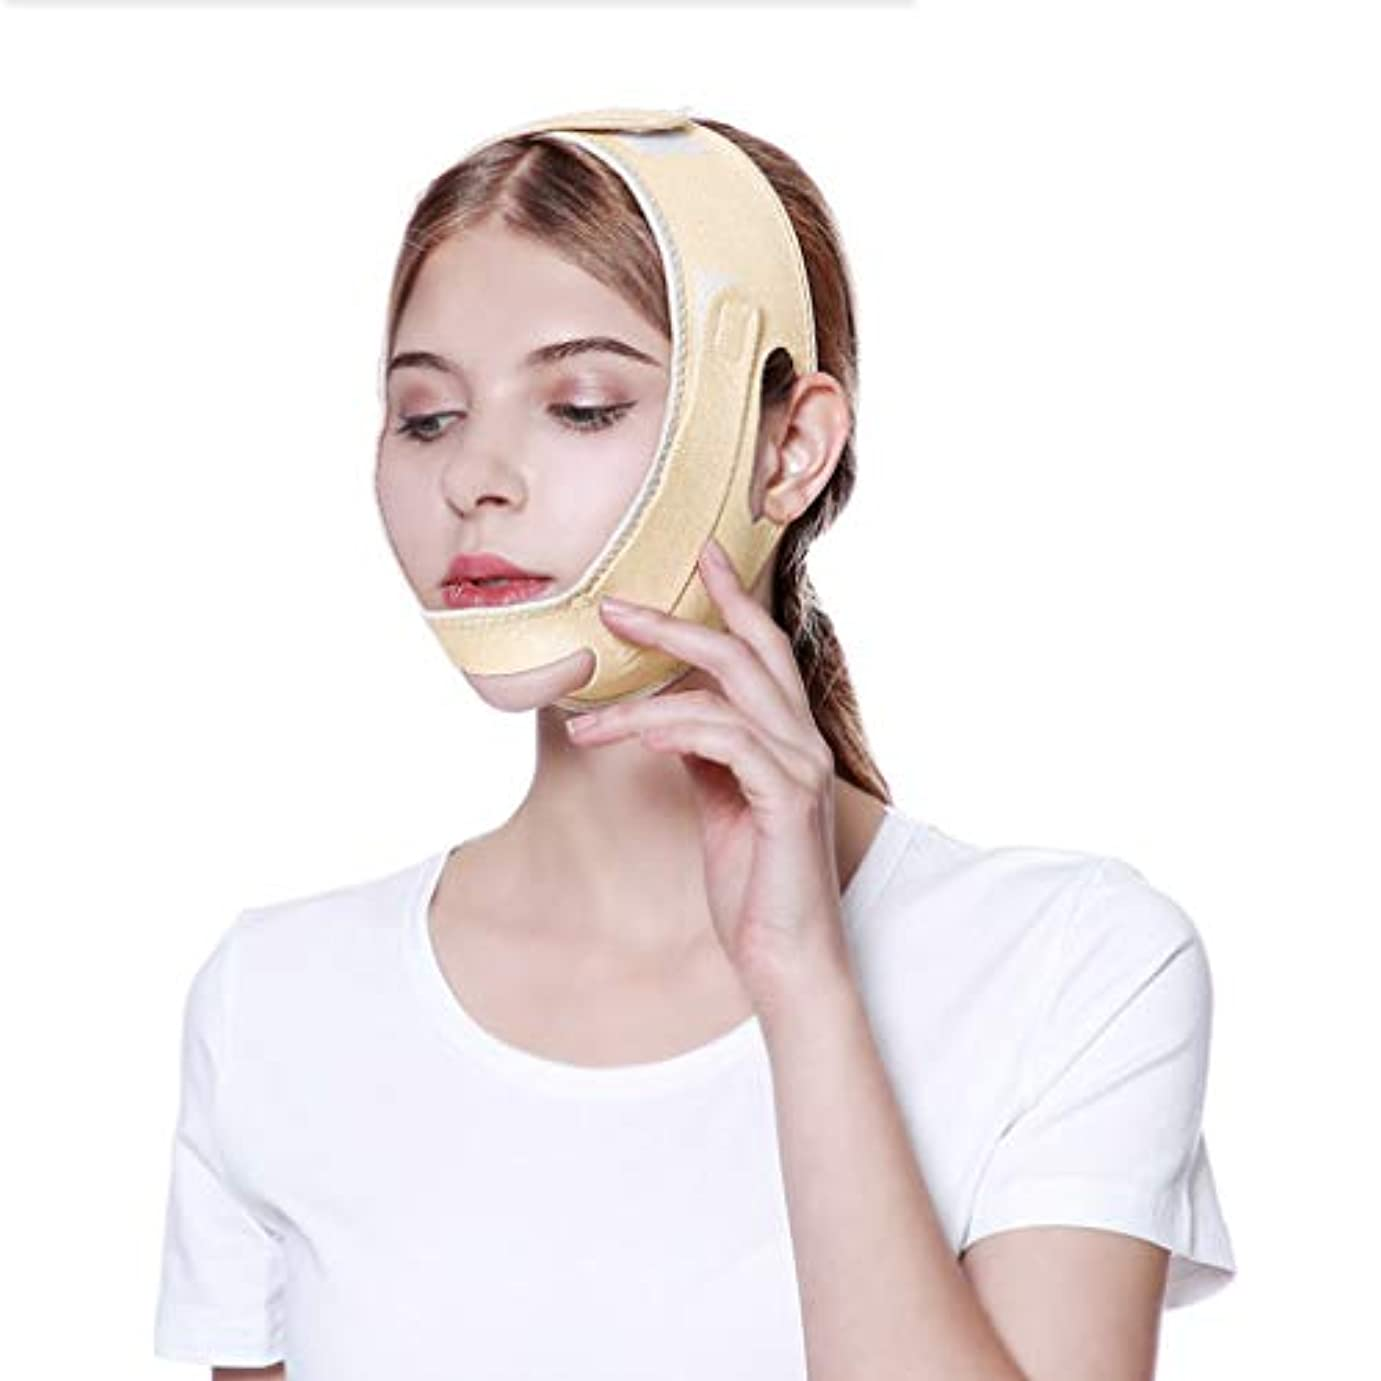 発見するいわゆる素朴な顔面重量損失顔包帯 v 顔楽器顔ツールマスクライン彫刻手術回復ヘッドギアダブルあご